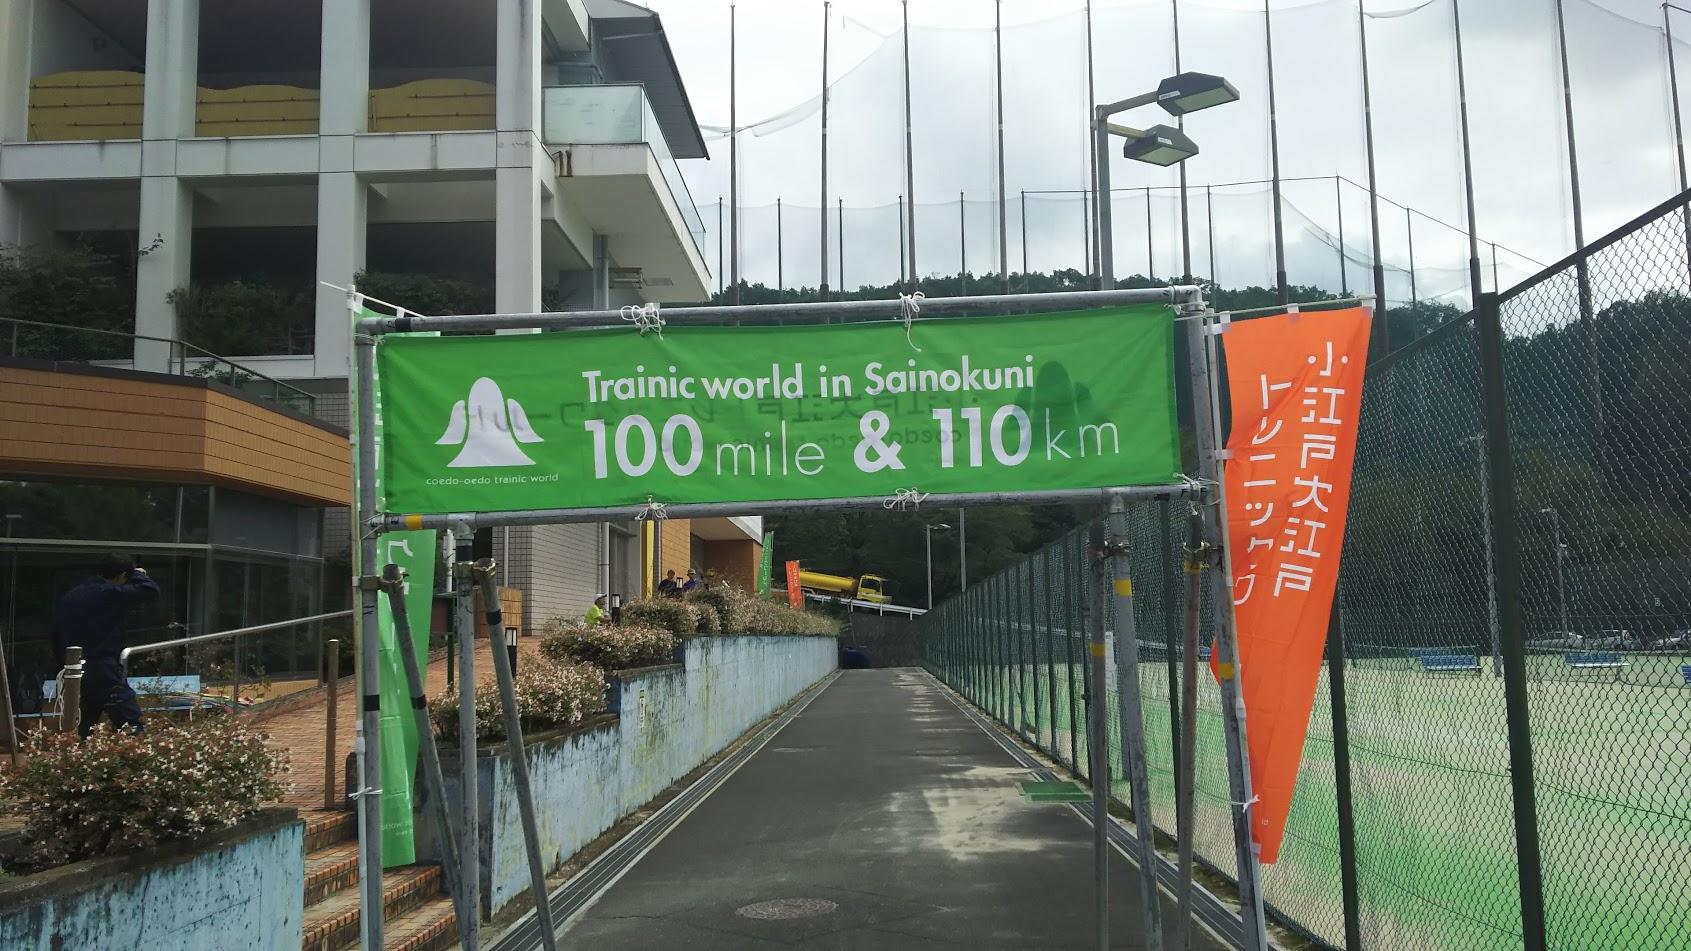 いよいよ明日は、第2回 トレニックワールド 100mile & 100km in 彩の国の100kmに出場してきます。